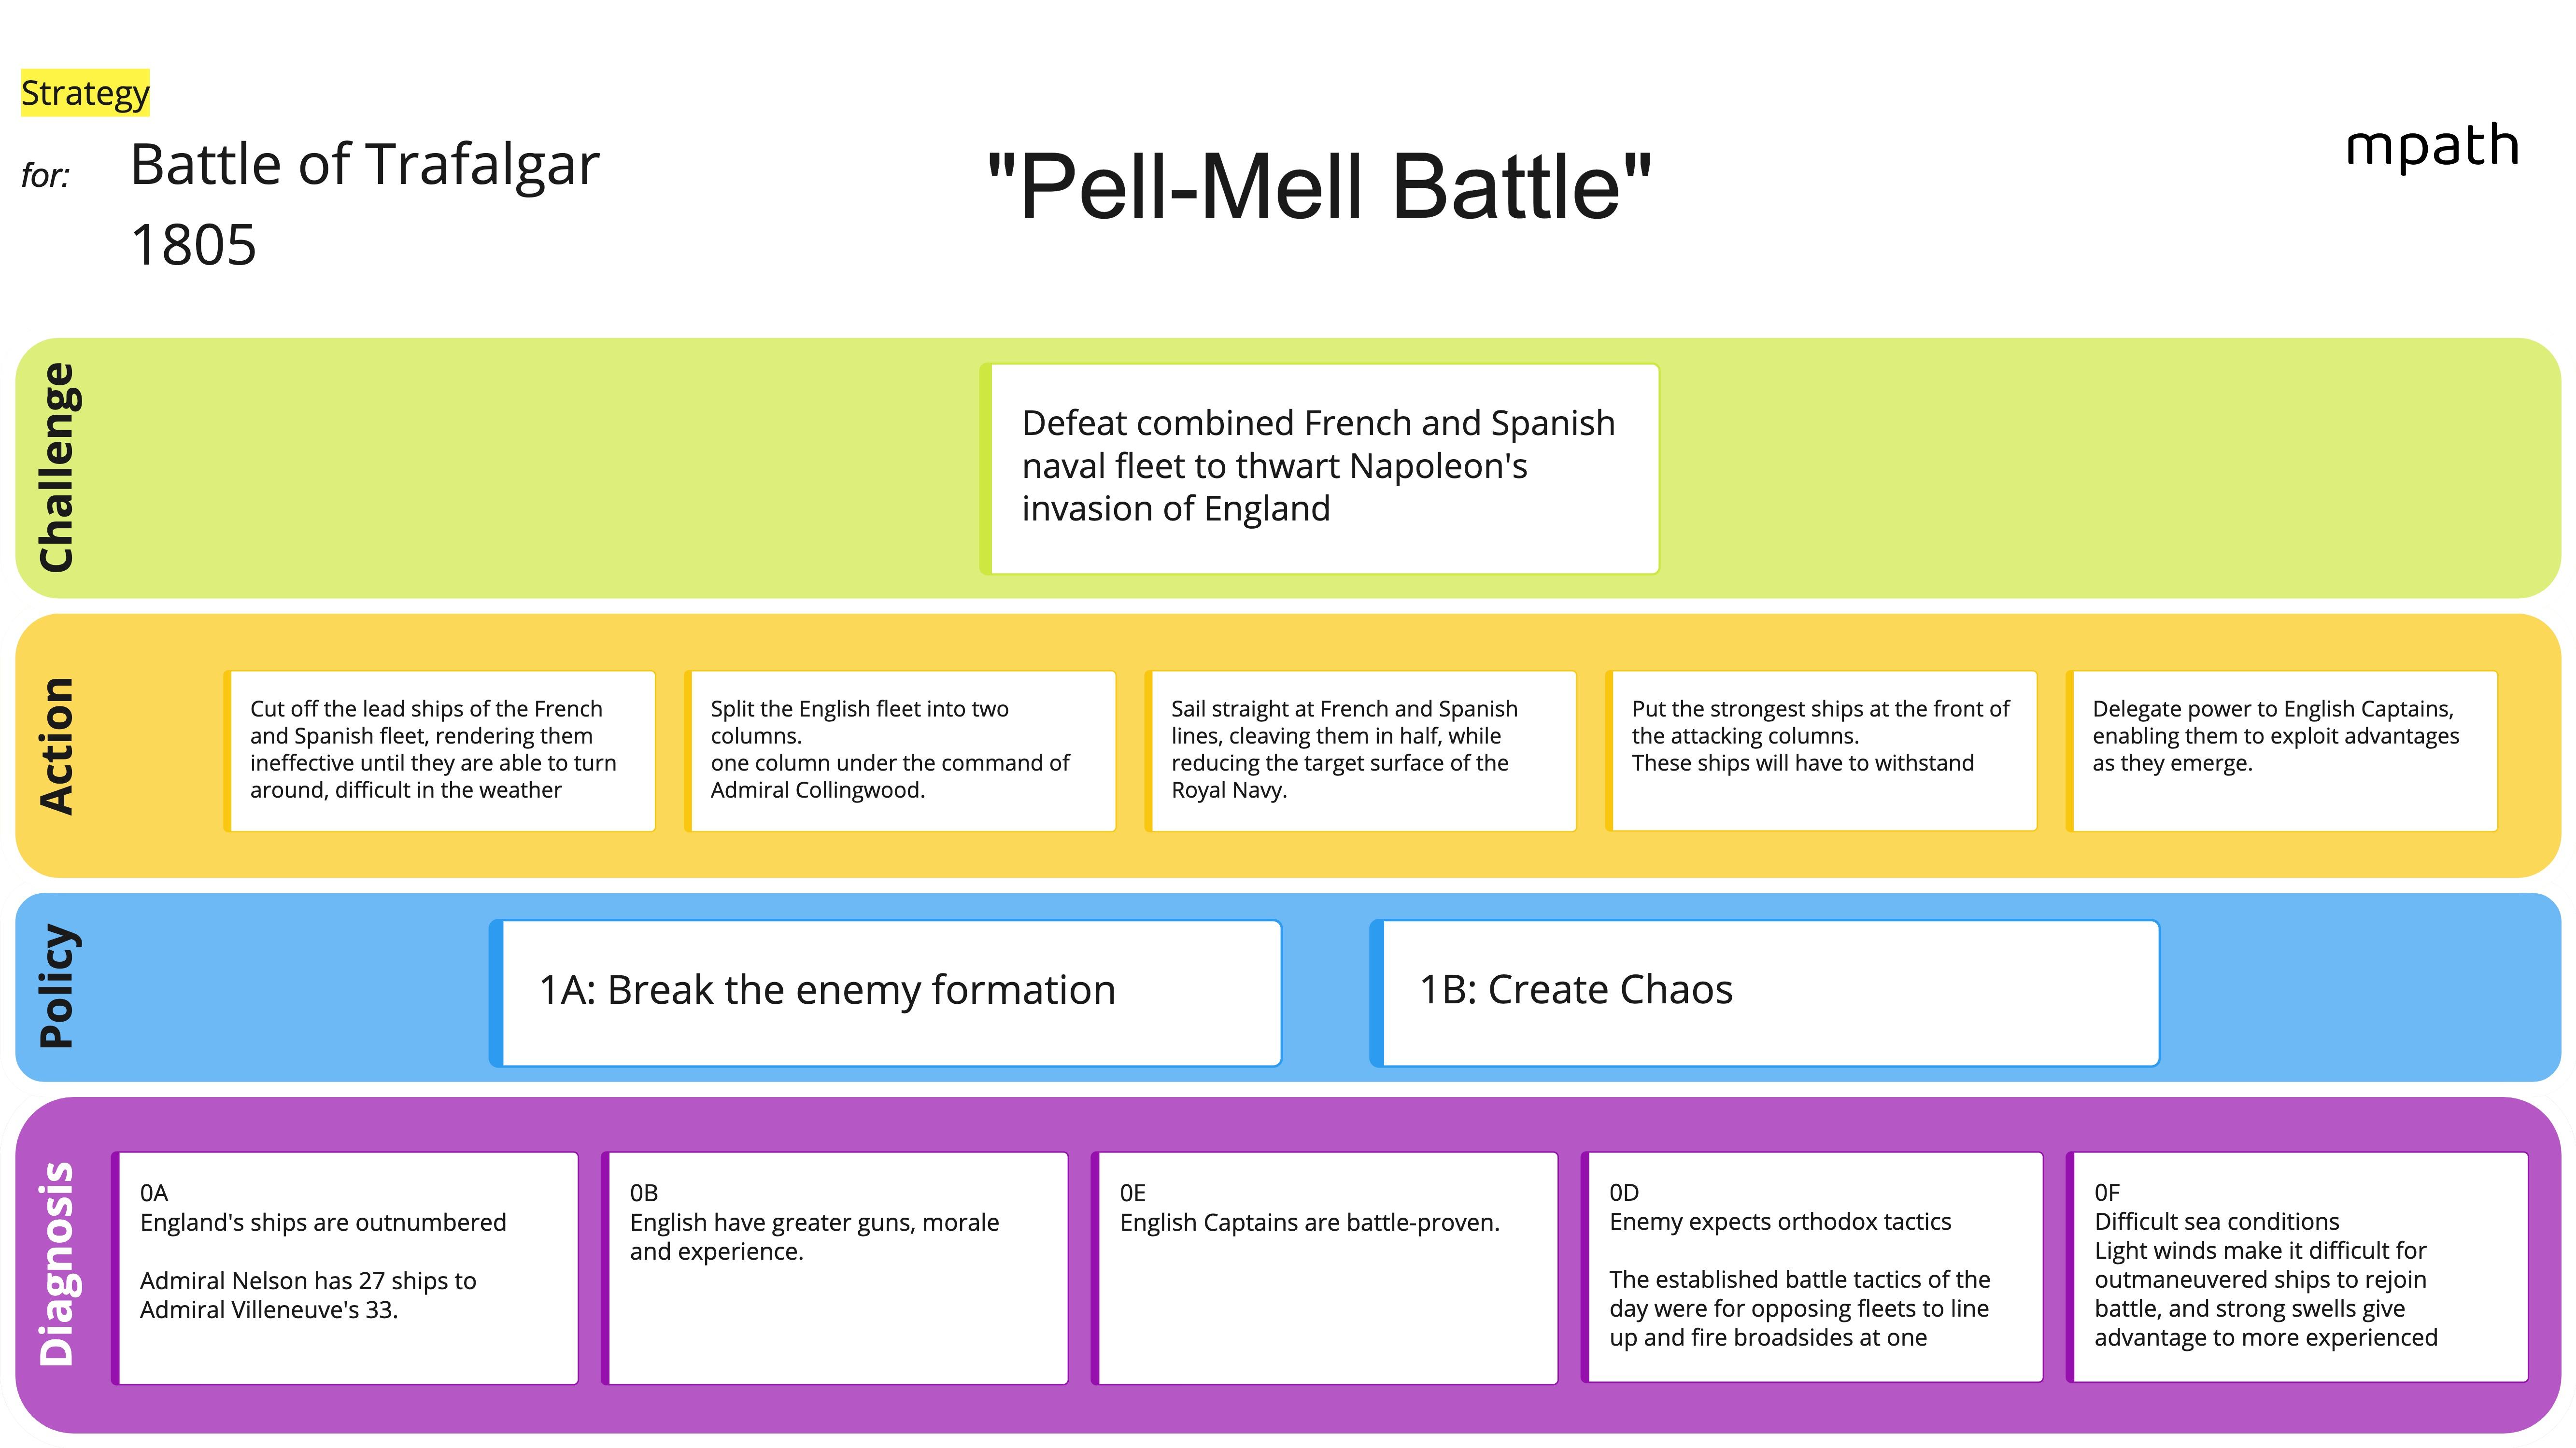 Battle of Trafalgar Strategy Canvas